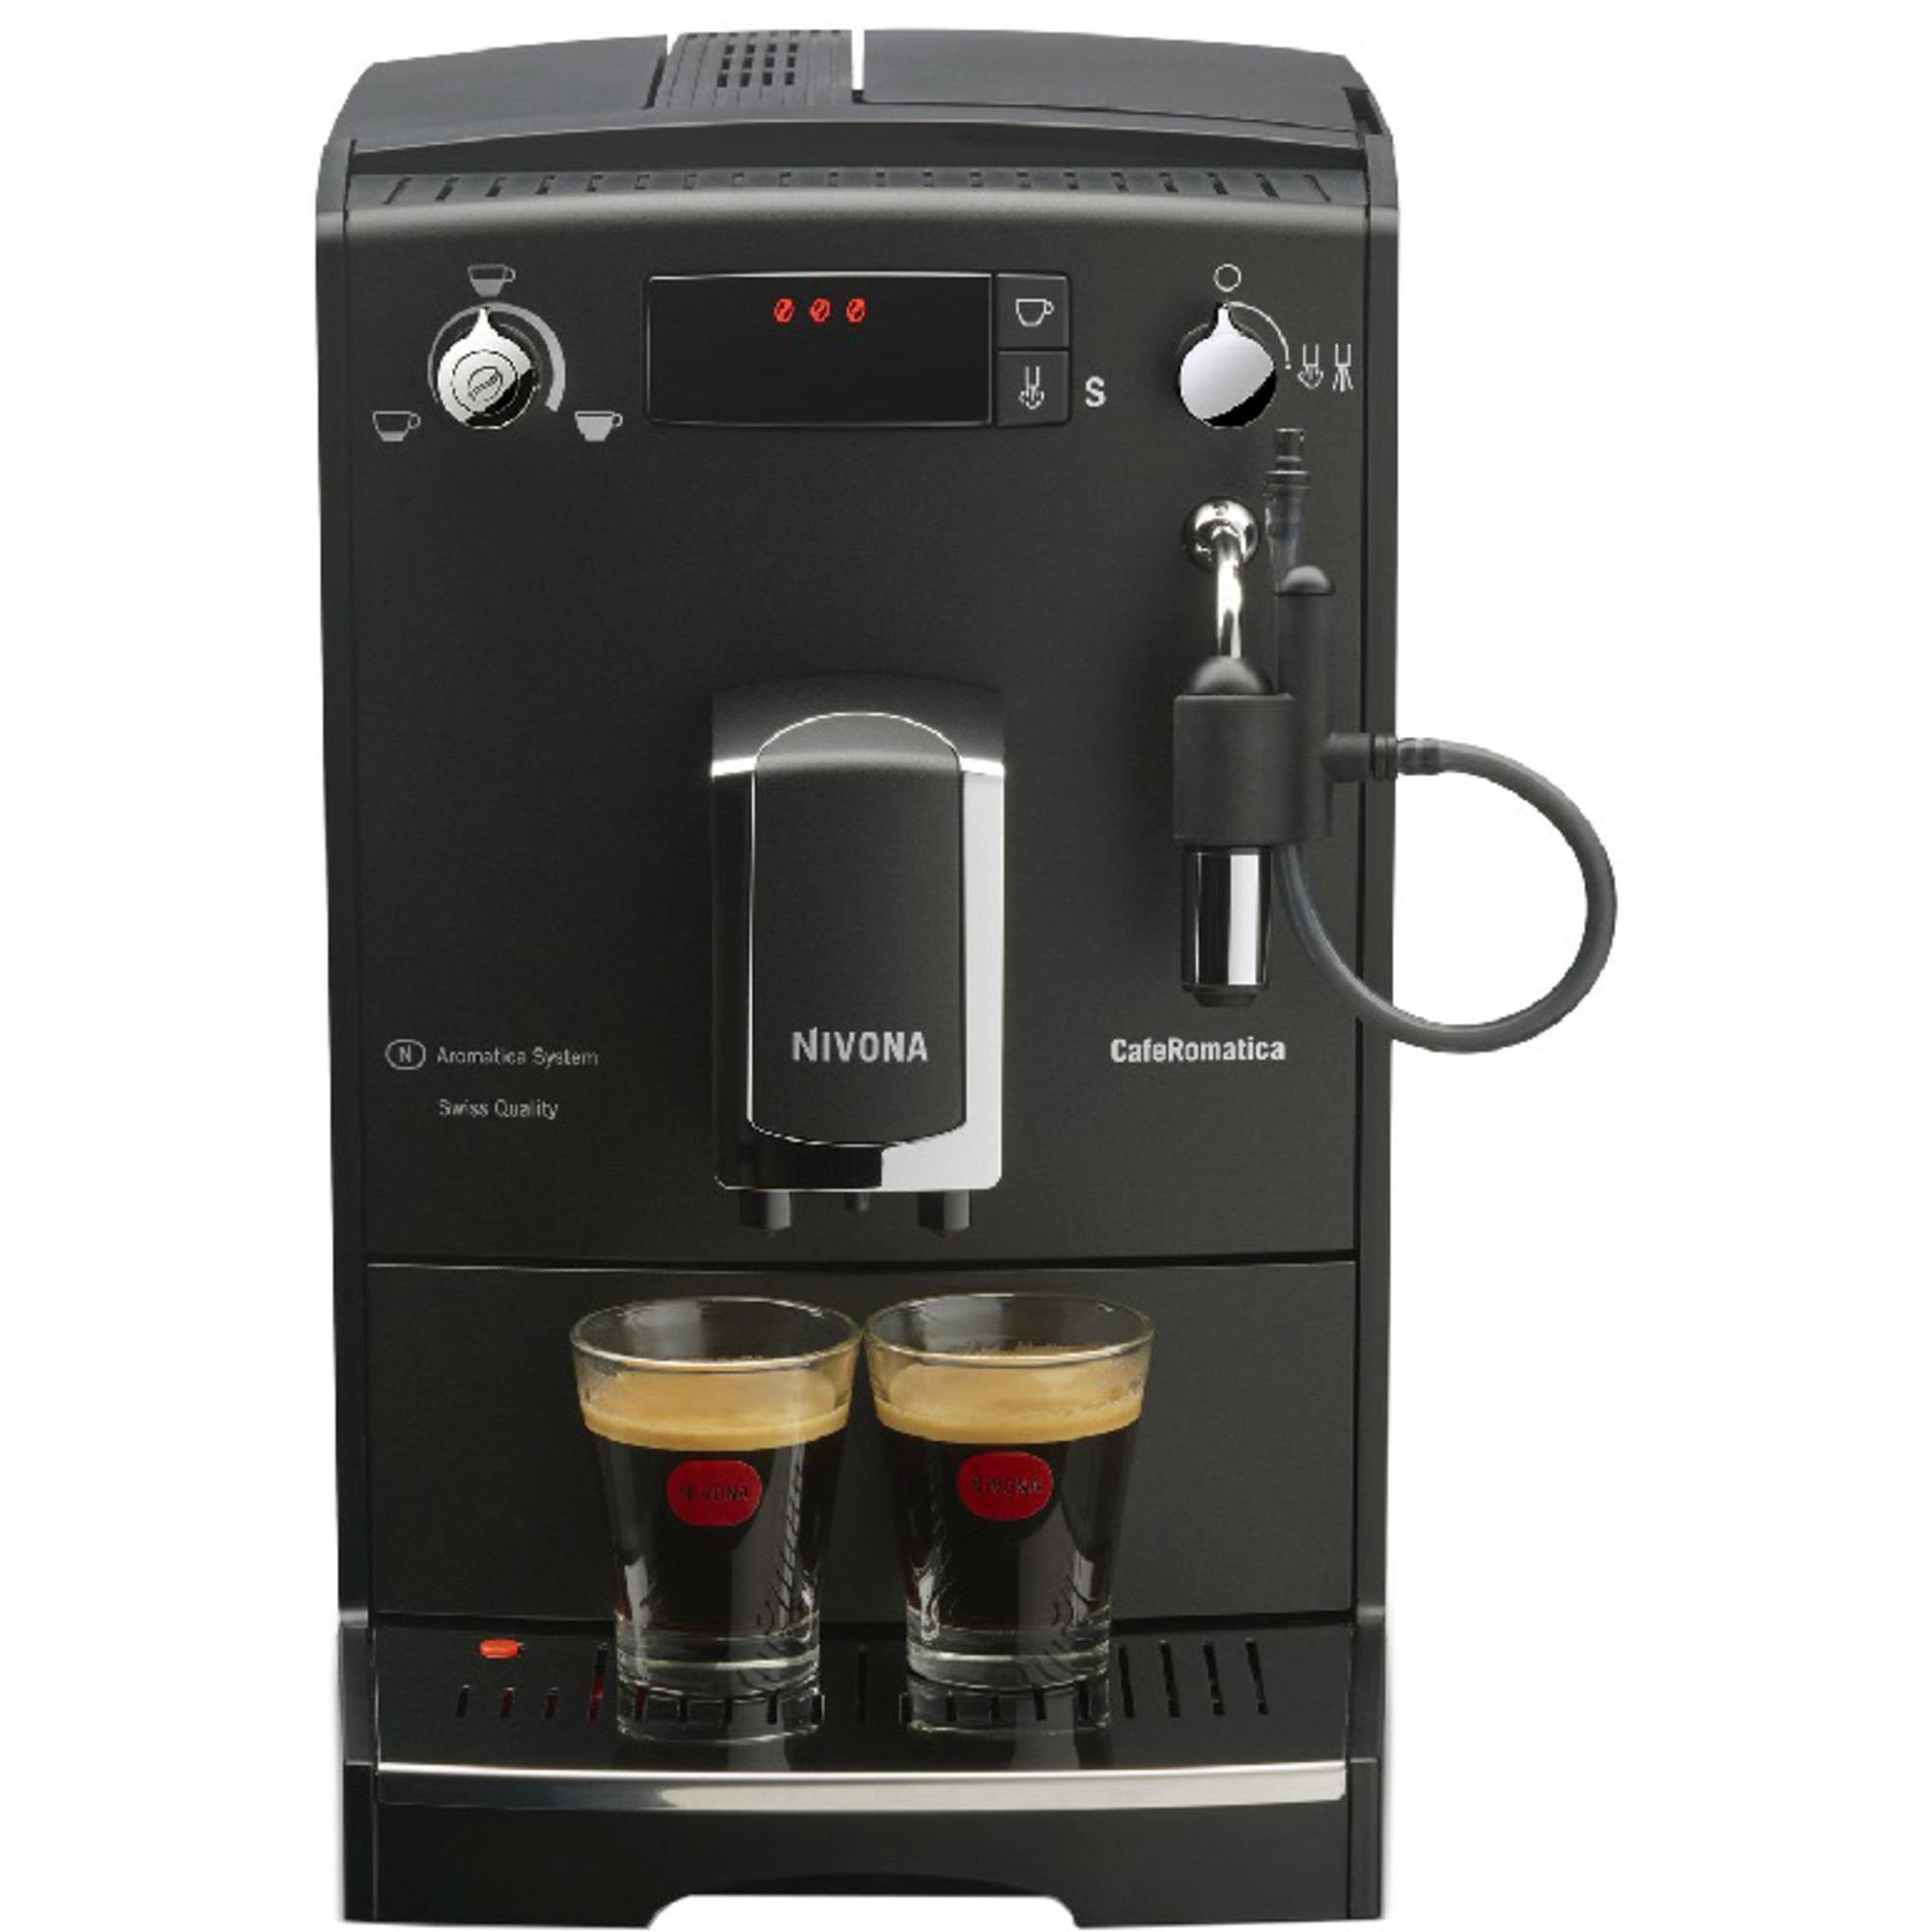 Nivona Kaffemaskin Svart NICR 520